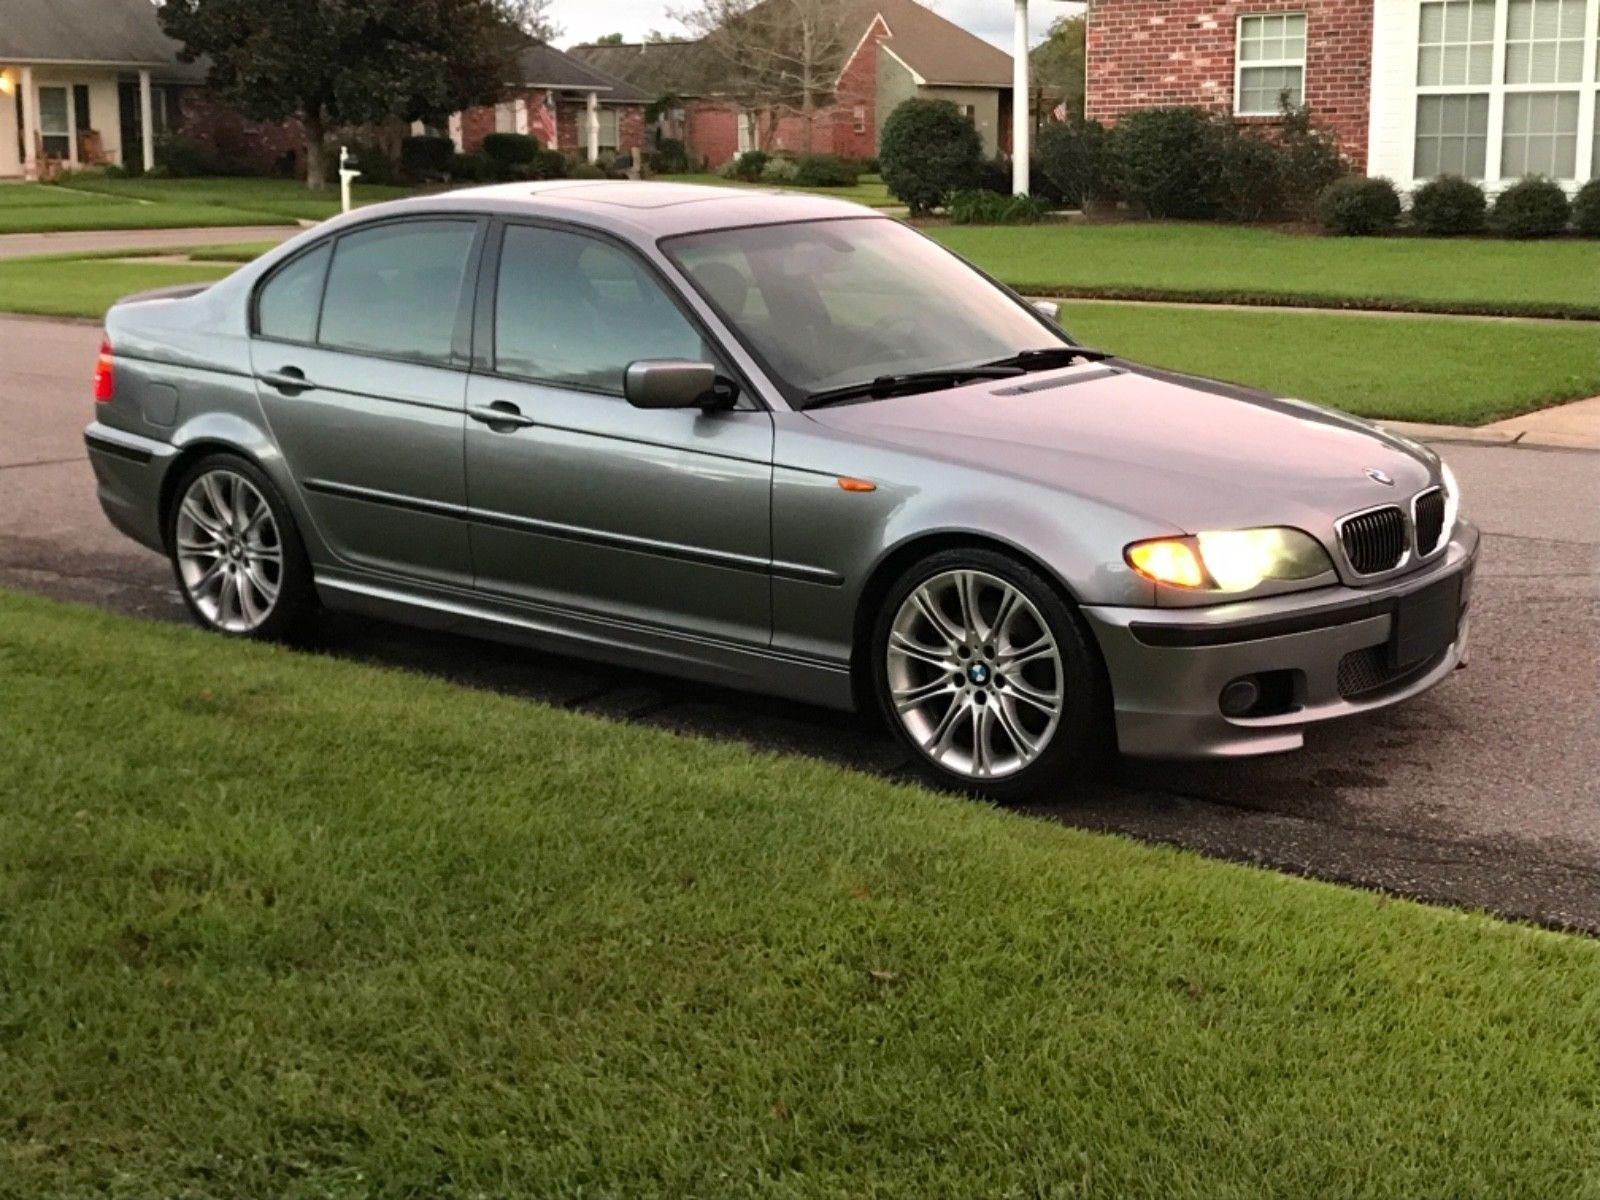 2004 Bmw 330i Bmw Bmw Car Models Bmw Suv